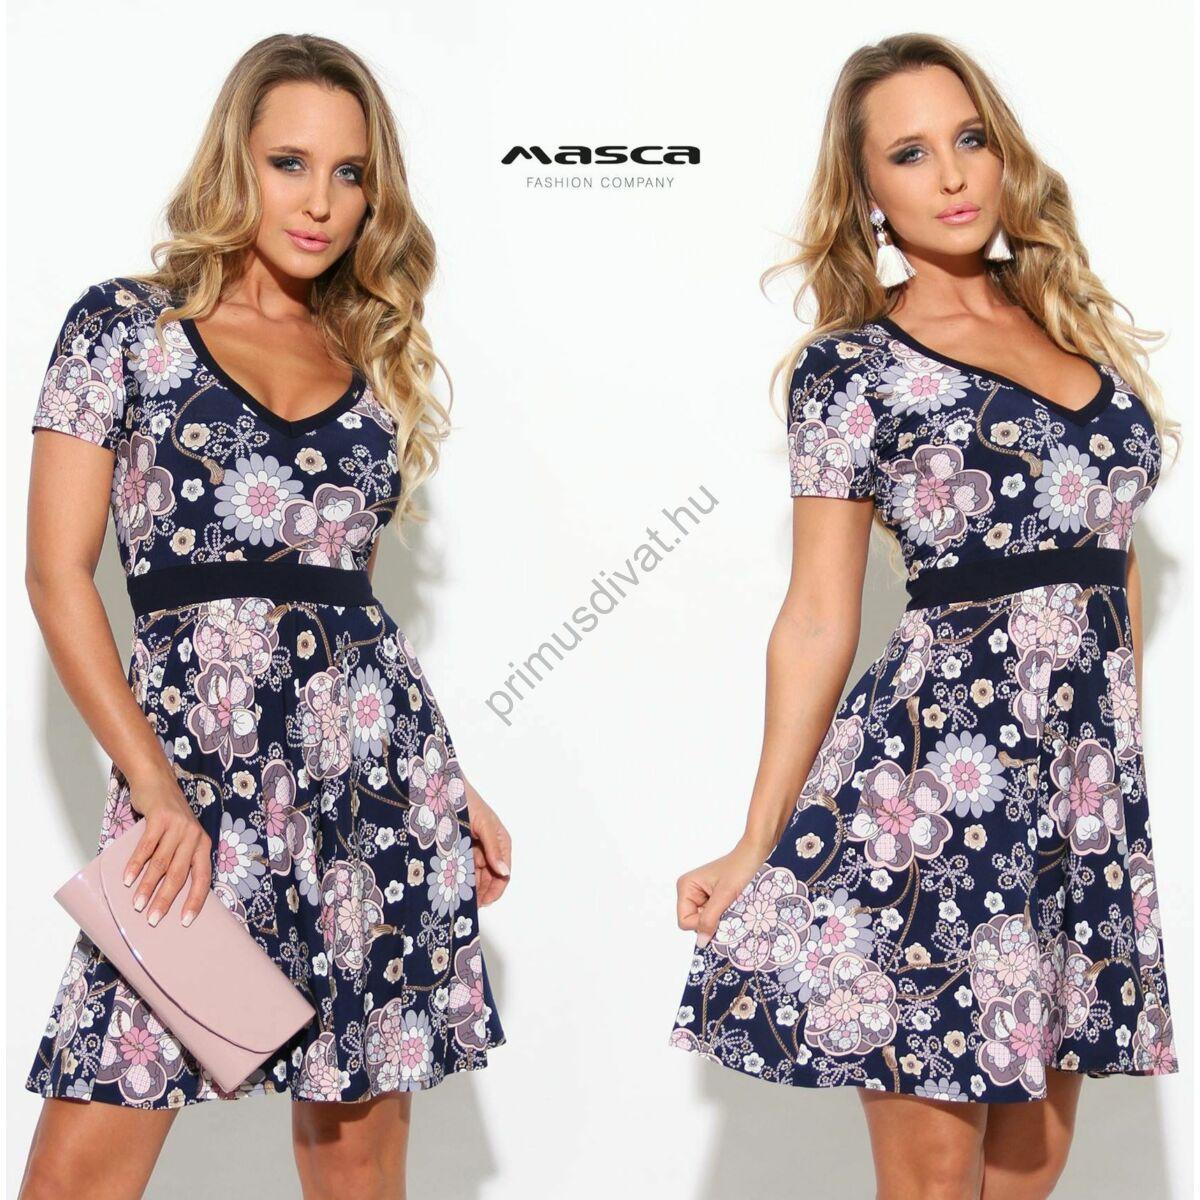 022fab08de Kép 1/1 - Masca Fashion V-nyakú fehér-lila domború virágmintás, loknis  szoknyarészű rövid ujjú sötétkék alkalmi miniruha